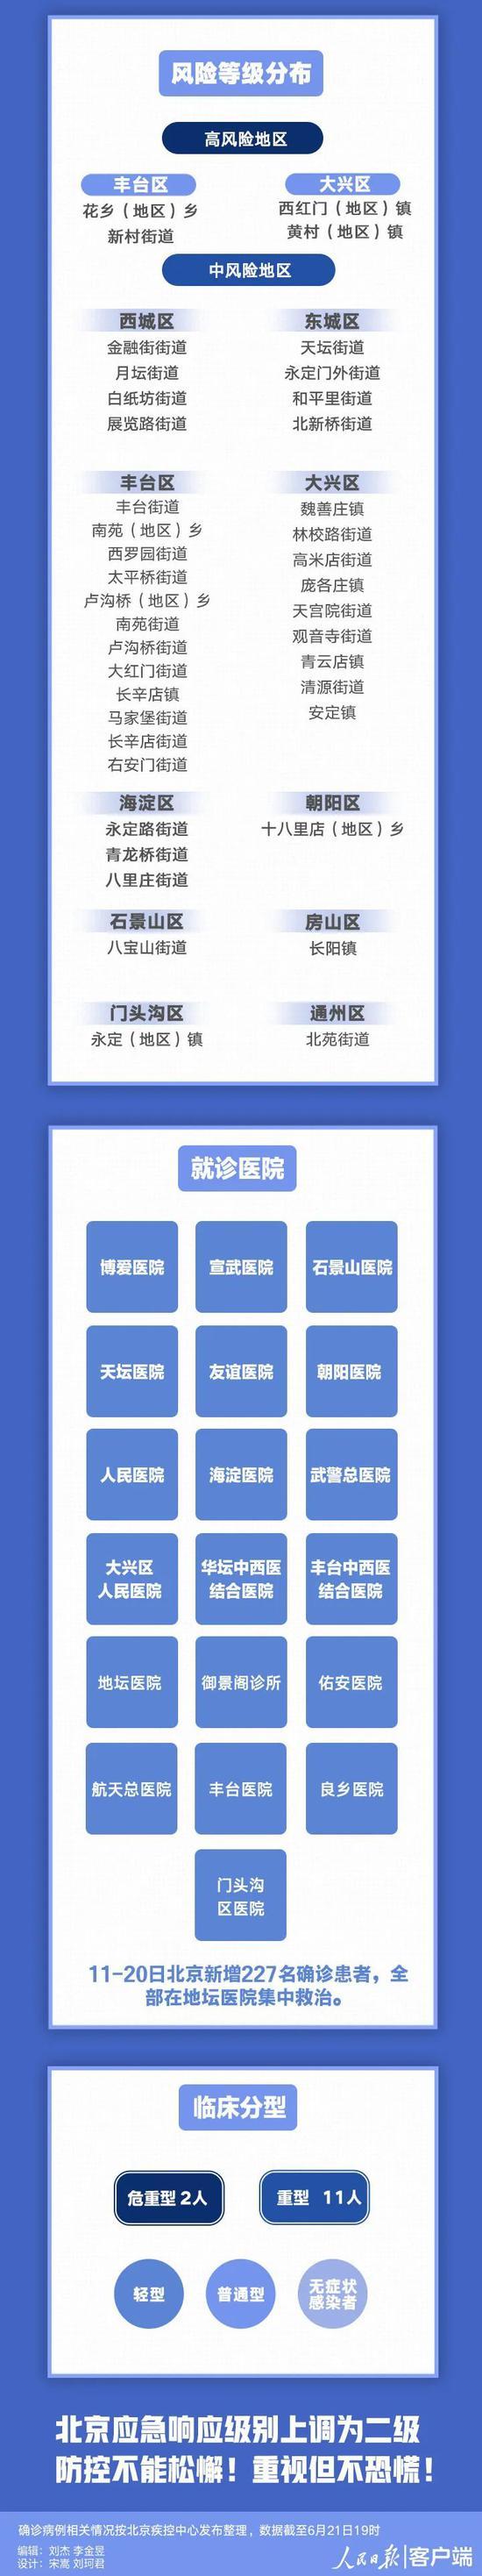 北京10天新增227例,都是谁?去过哪?插图